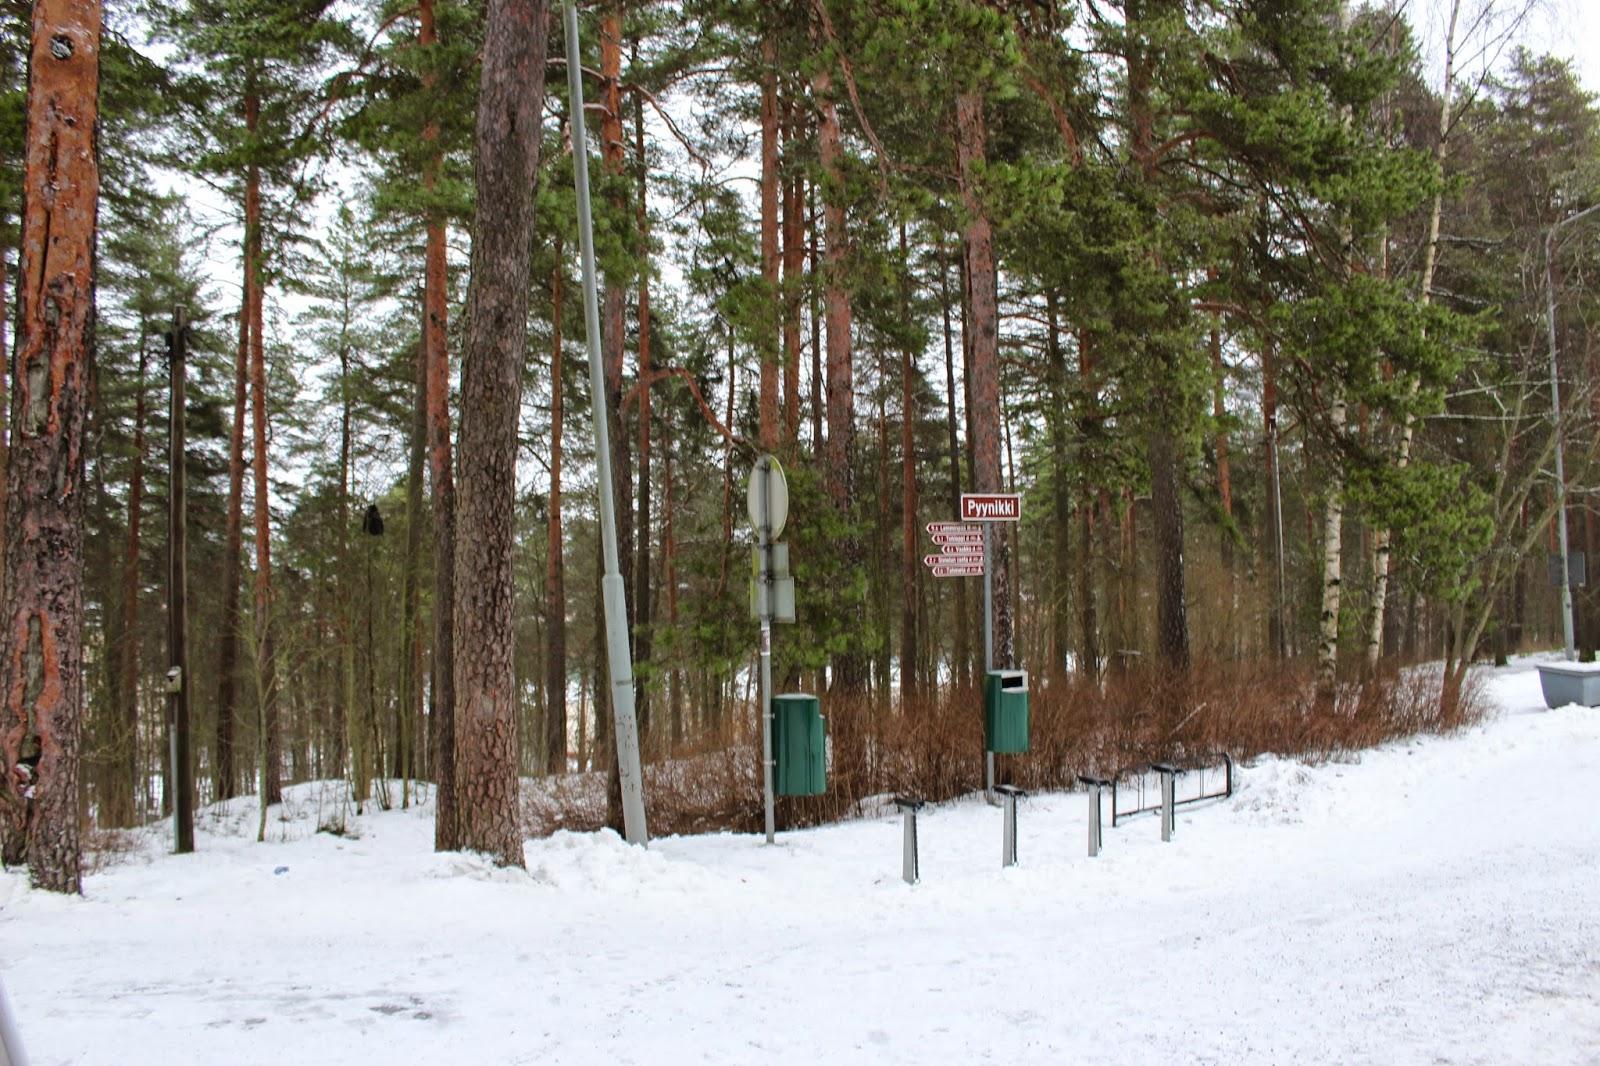 Pyynikki-Tampere